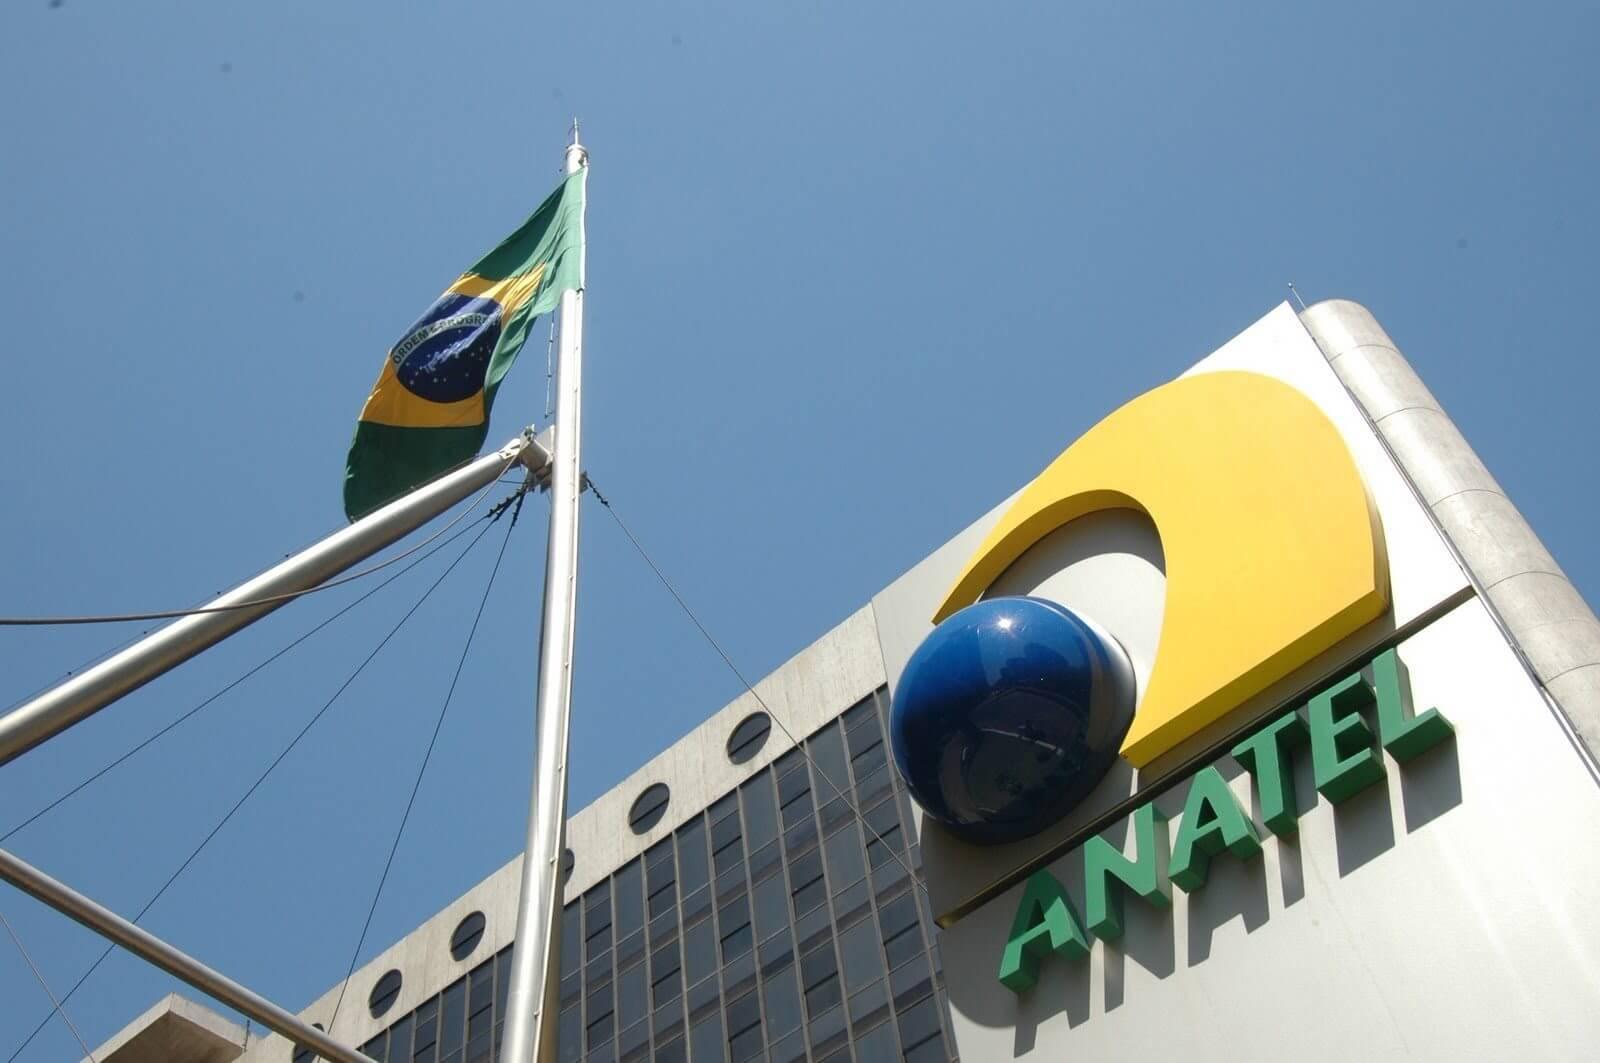 anatel - Anatel Consumidor: app facilita o envio de reclamações contra operadoras